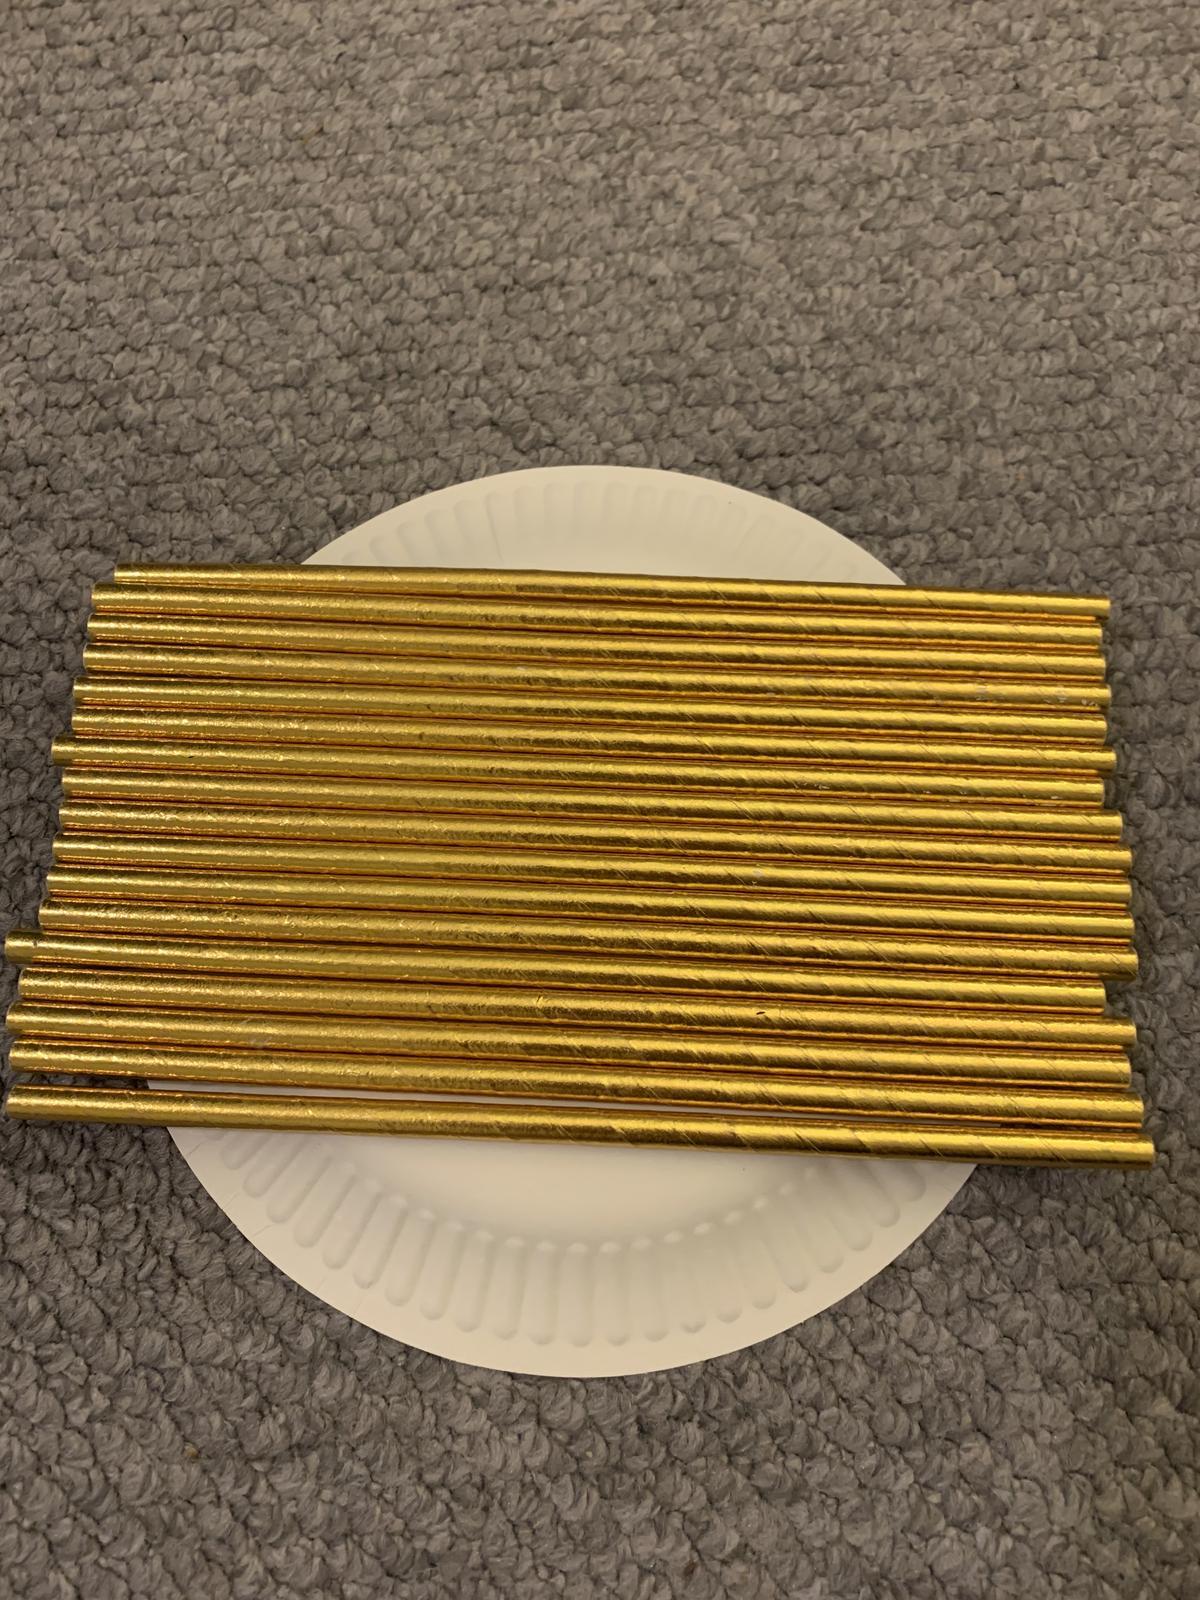 Zlatá a zlato-bílá papírová brčka - Obrázek č. 1